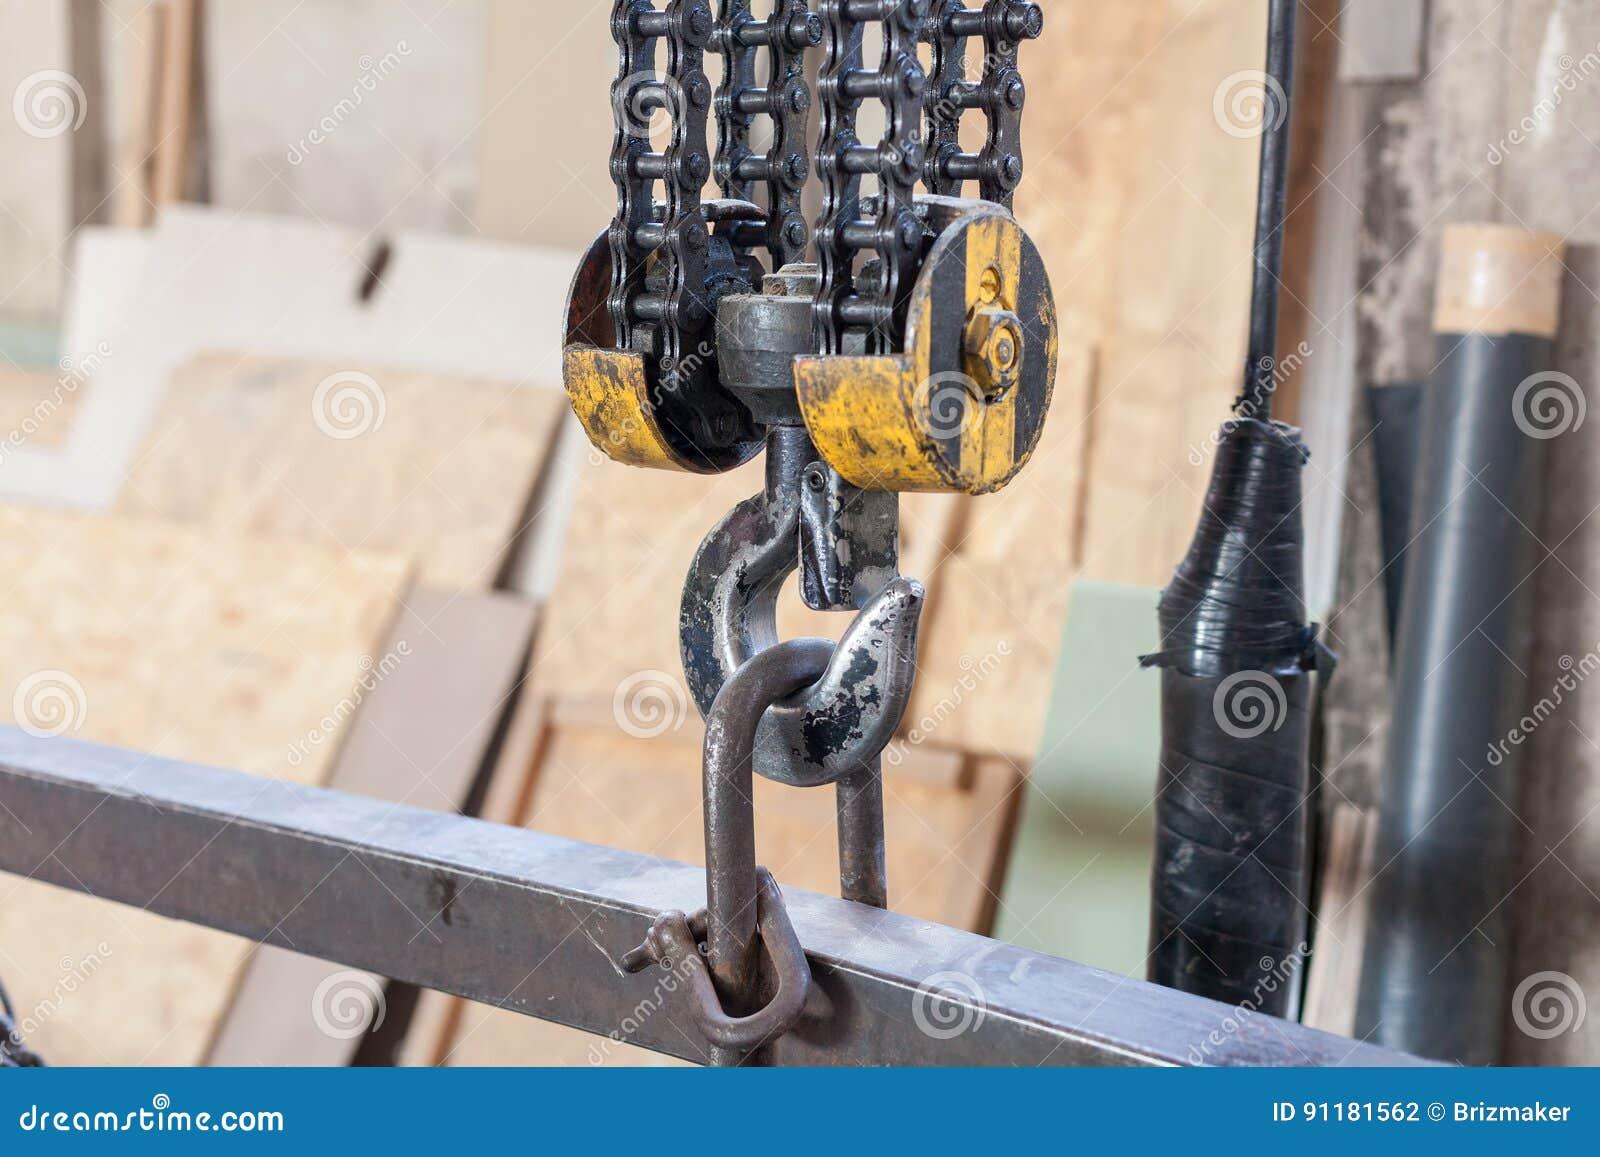 Closeup av den metalliska industriella kroken för att lyfta tungt ting i fabriken